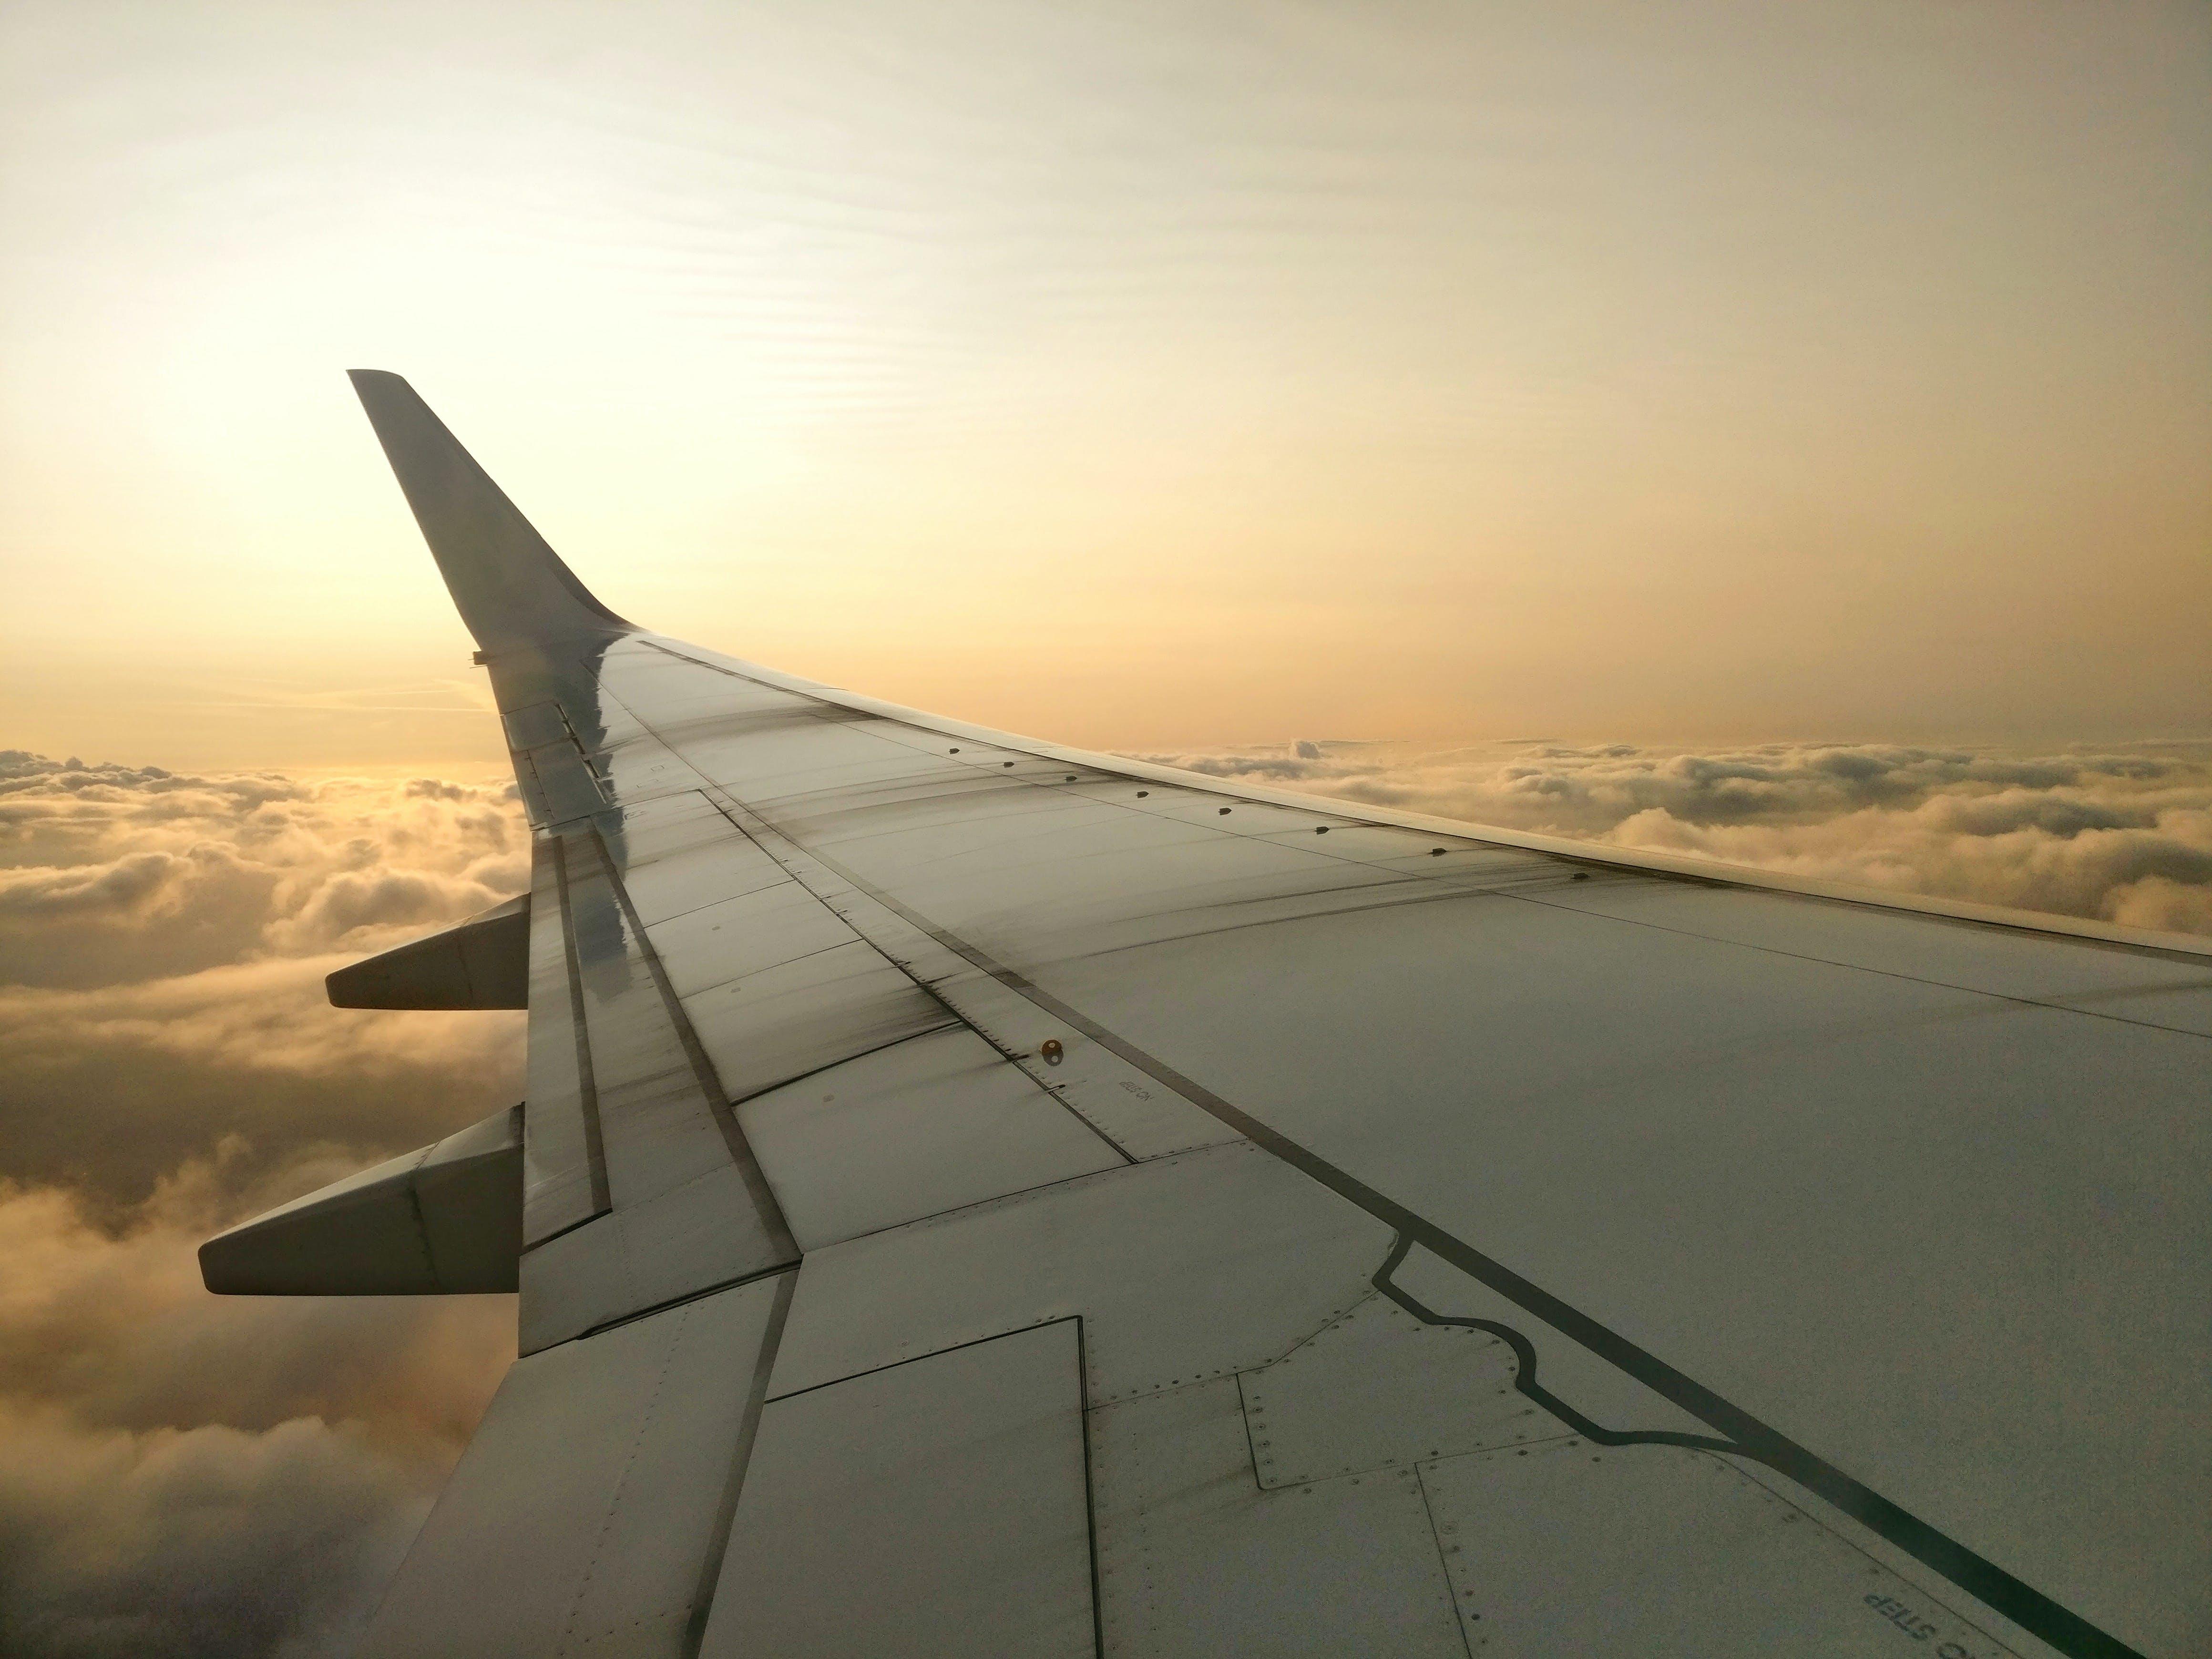 aeroplane, aircraft, aircraft wing